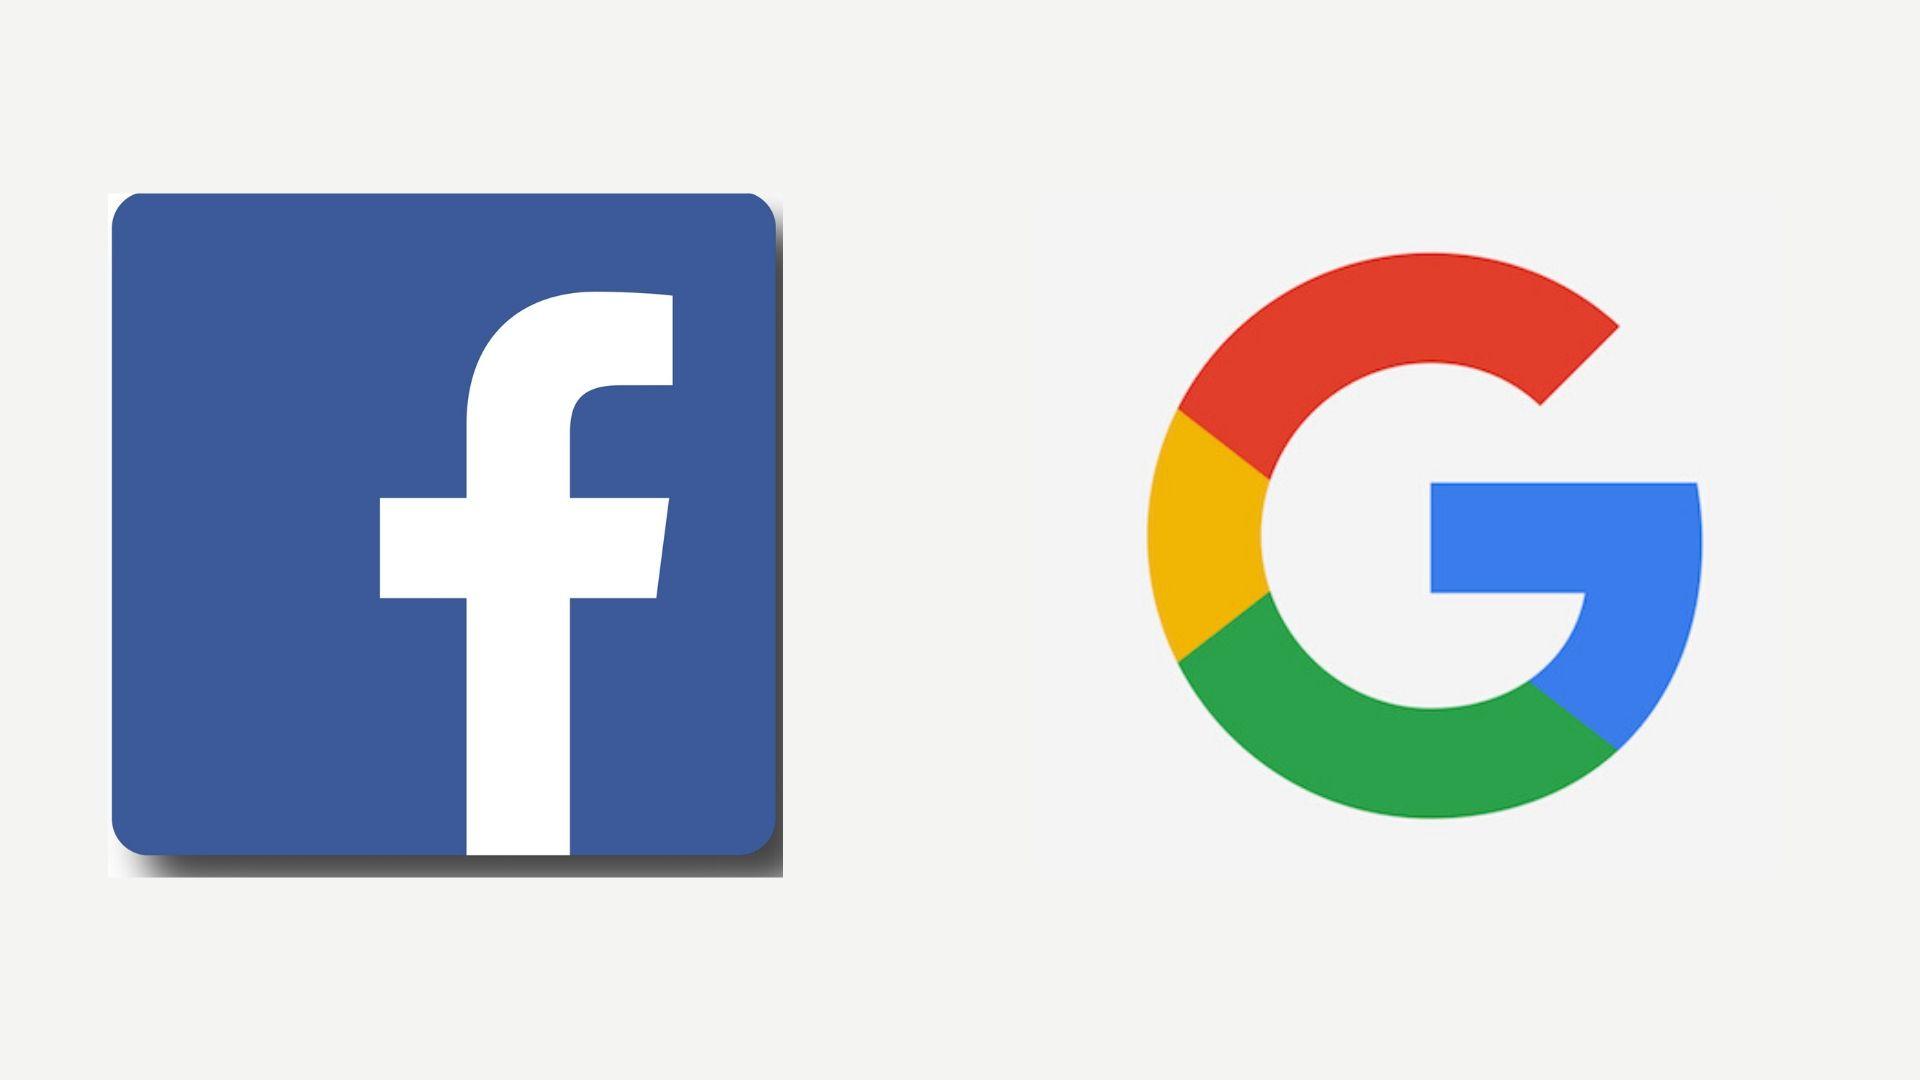 Facebook et Google prennent des mesures radicales pour éradiquer le Covid-19